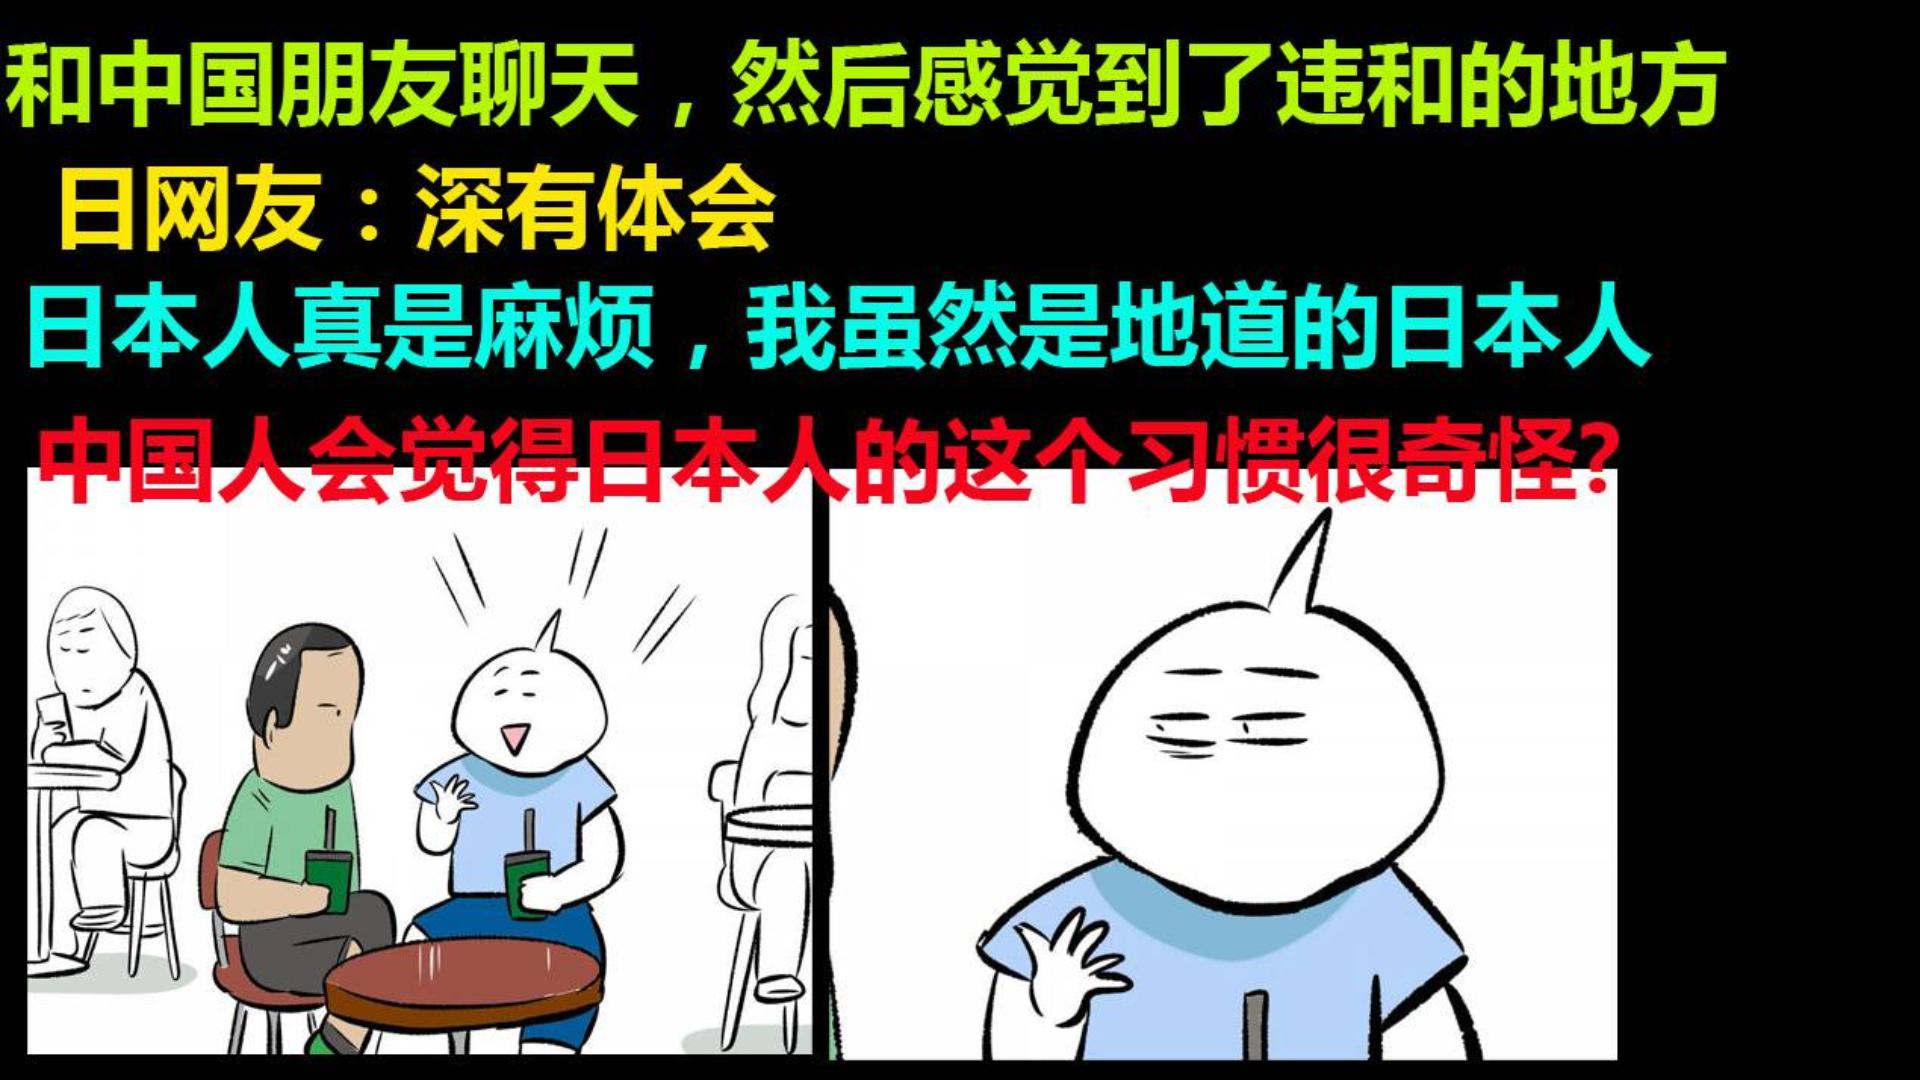 和中国朋友聊天,然后感觉到了违和的地方 日网友:日本人真是麻烦